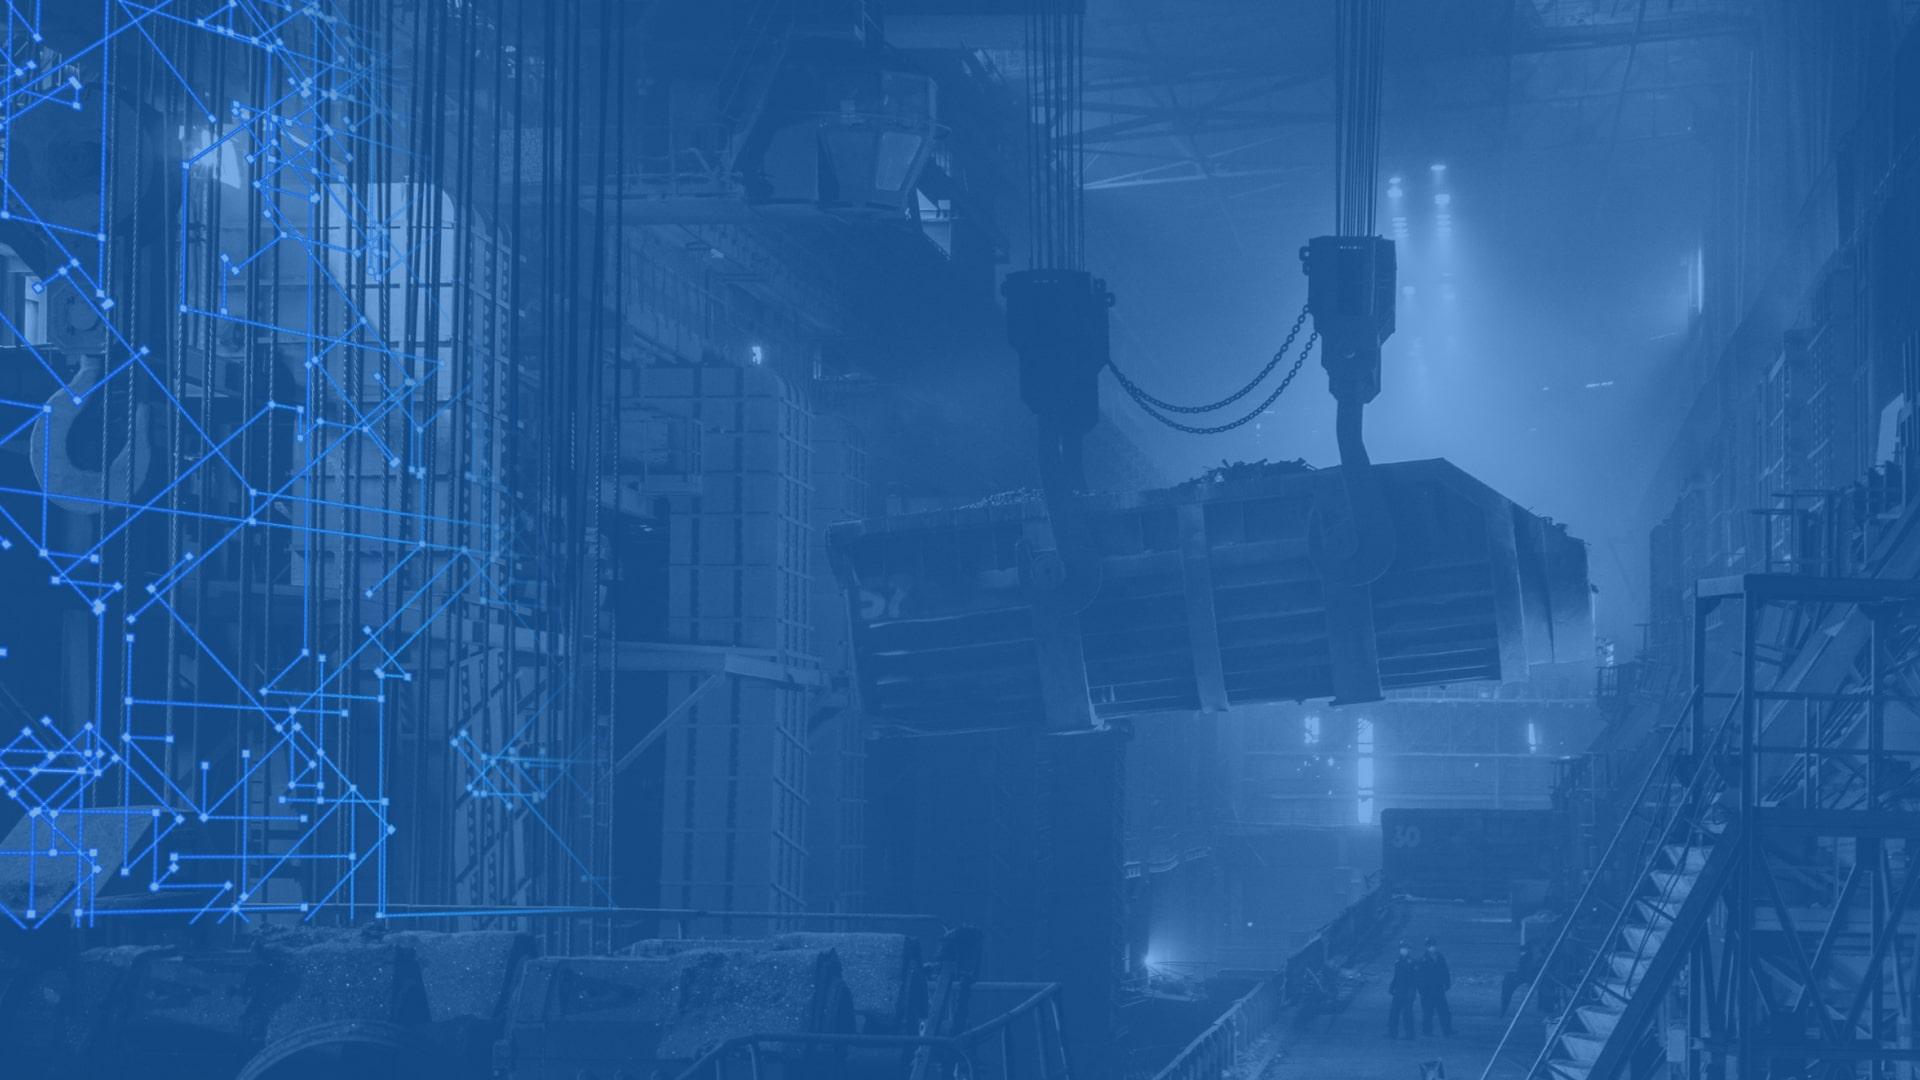 Дорожная карта цифровой трансформации предприятия технологической отрасли